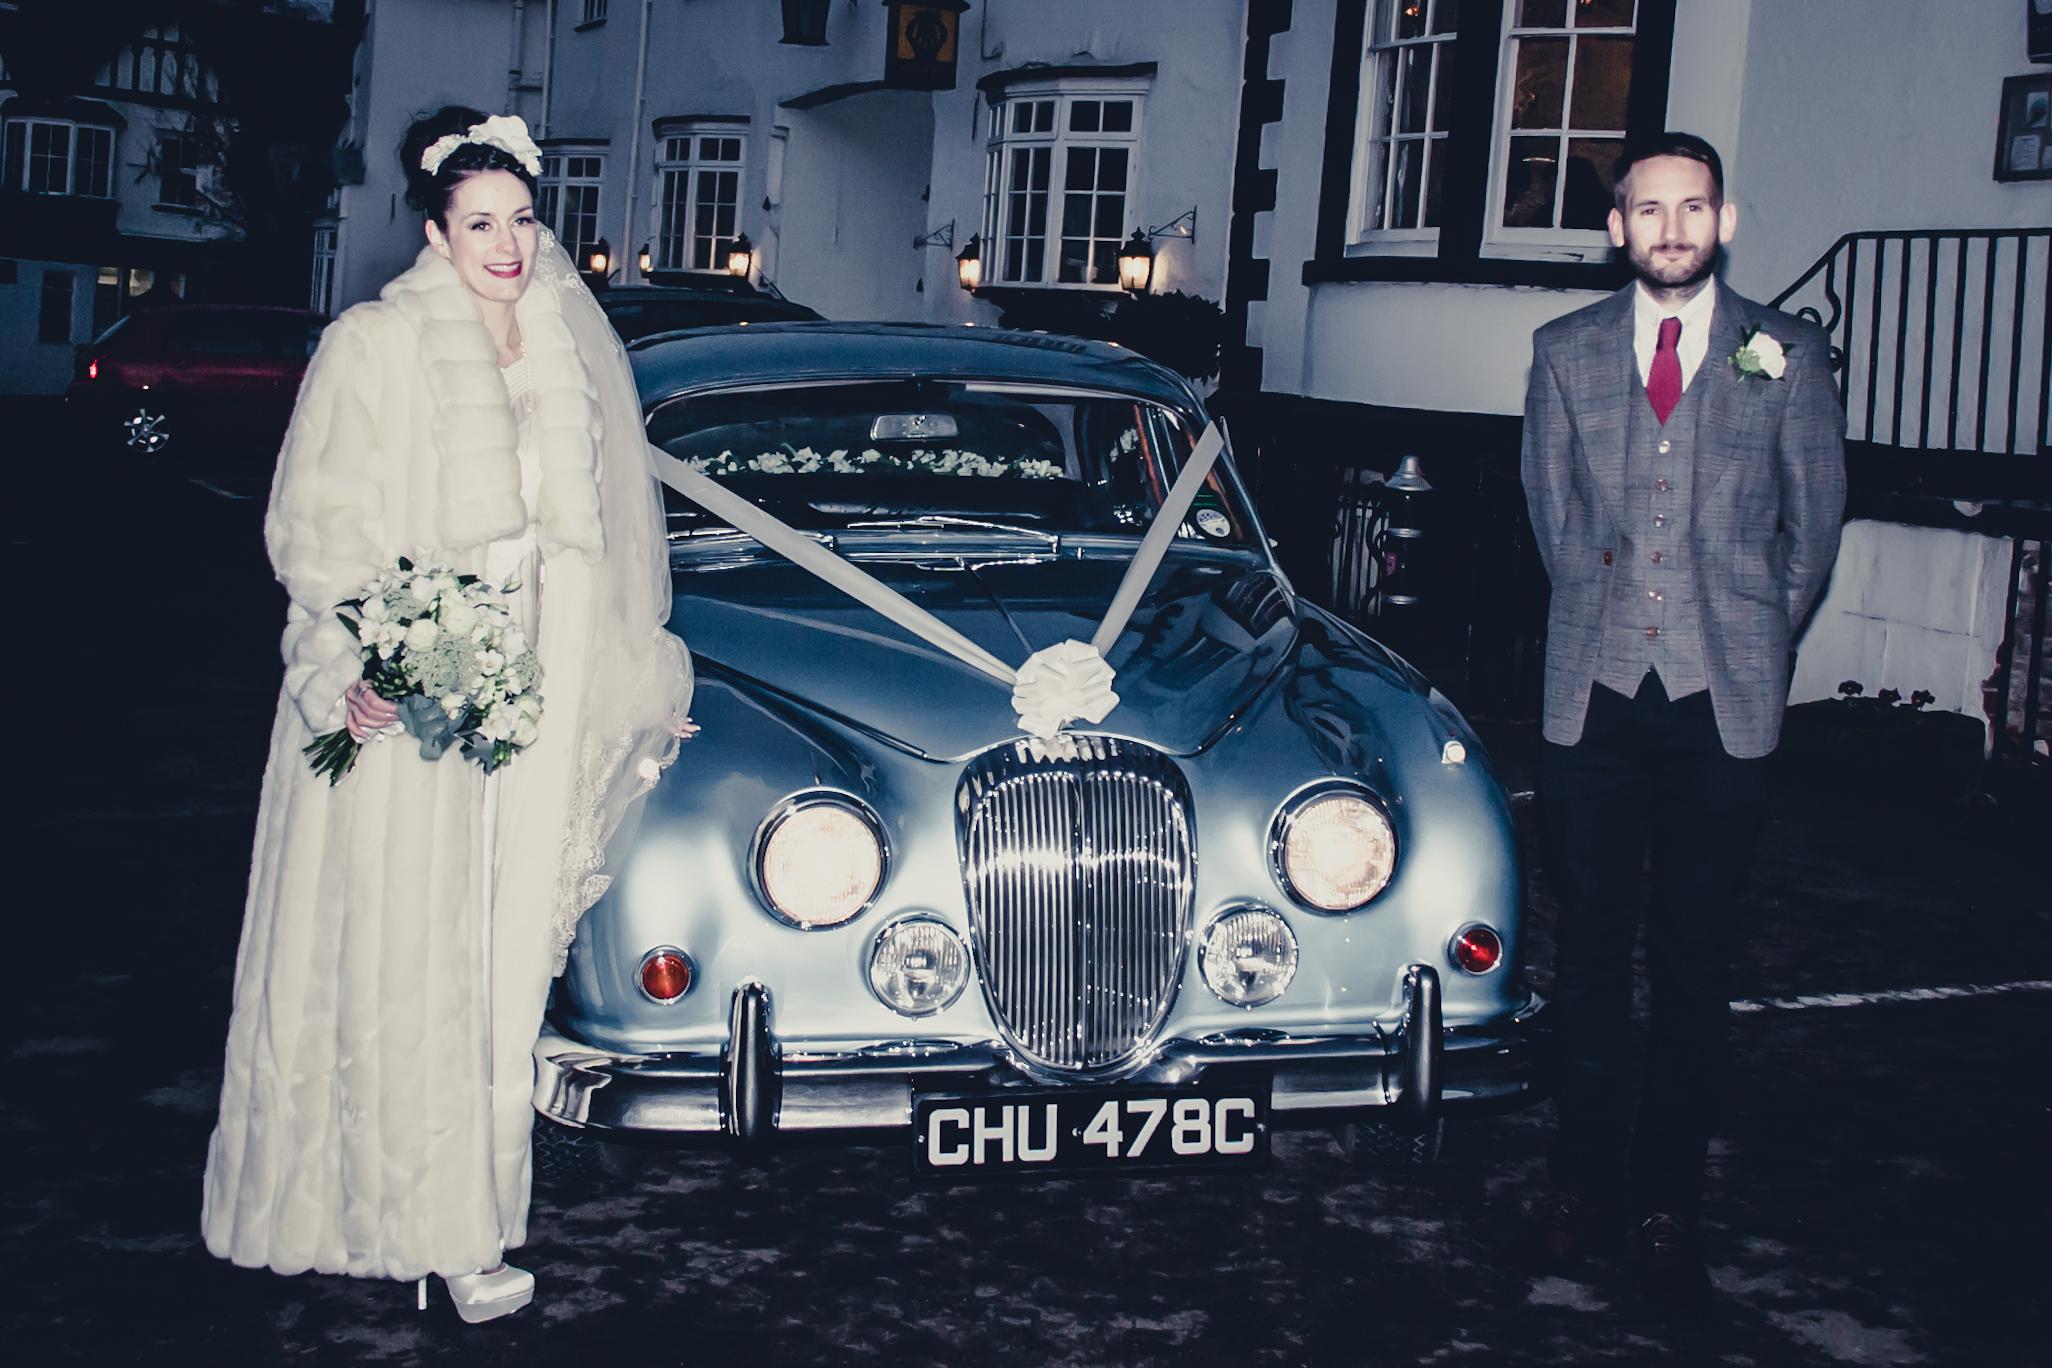 143 - Angela and Karls Wedding by www.markpugh.com -2259.jpg